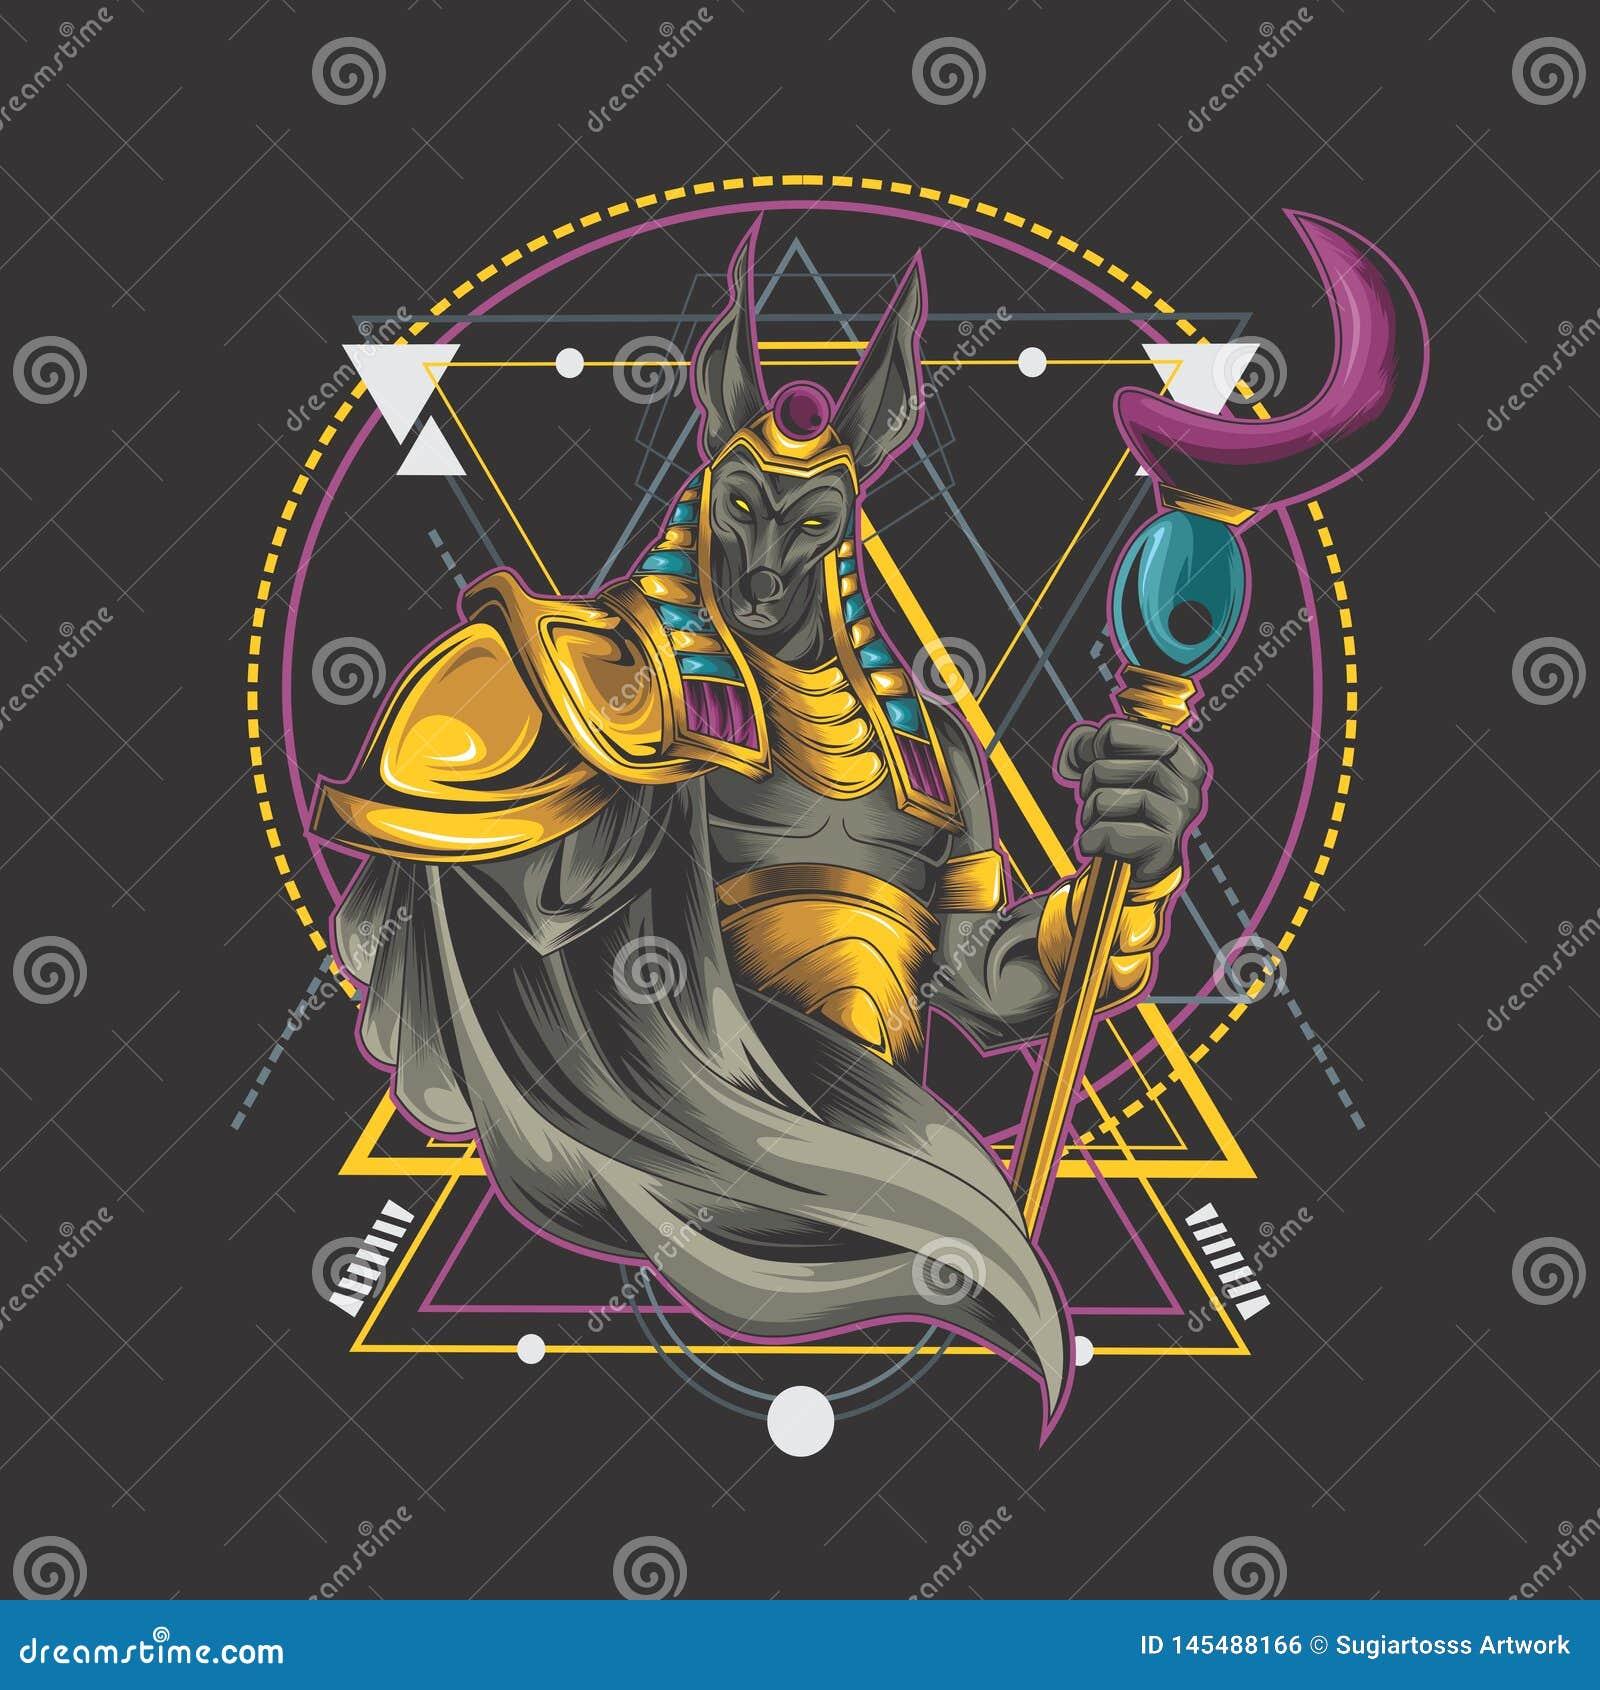 Anubis ritual on geometry